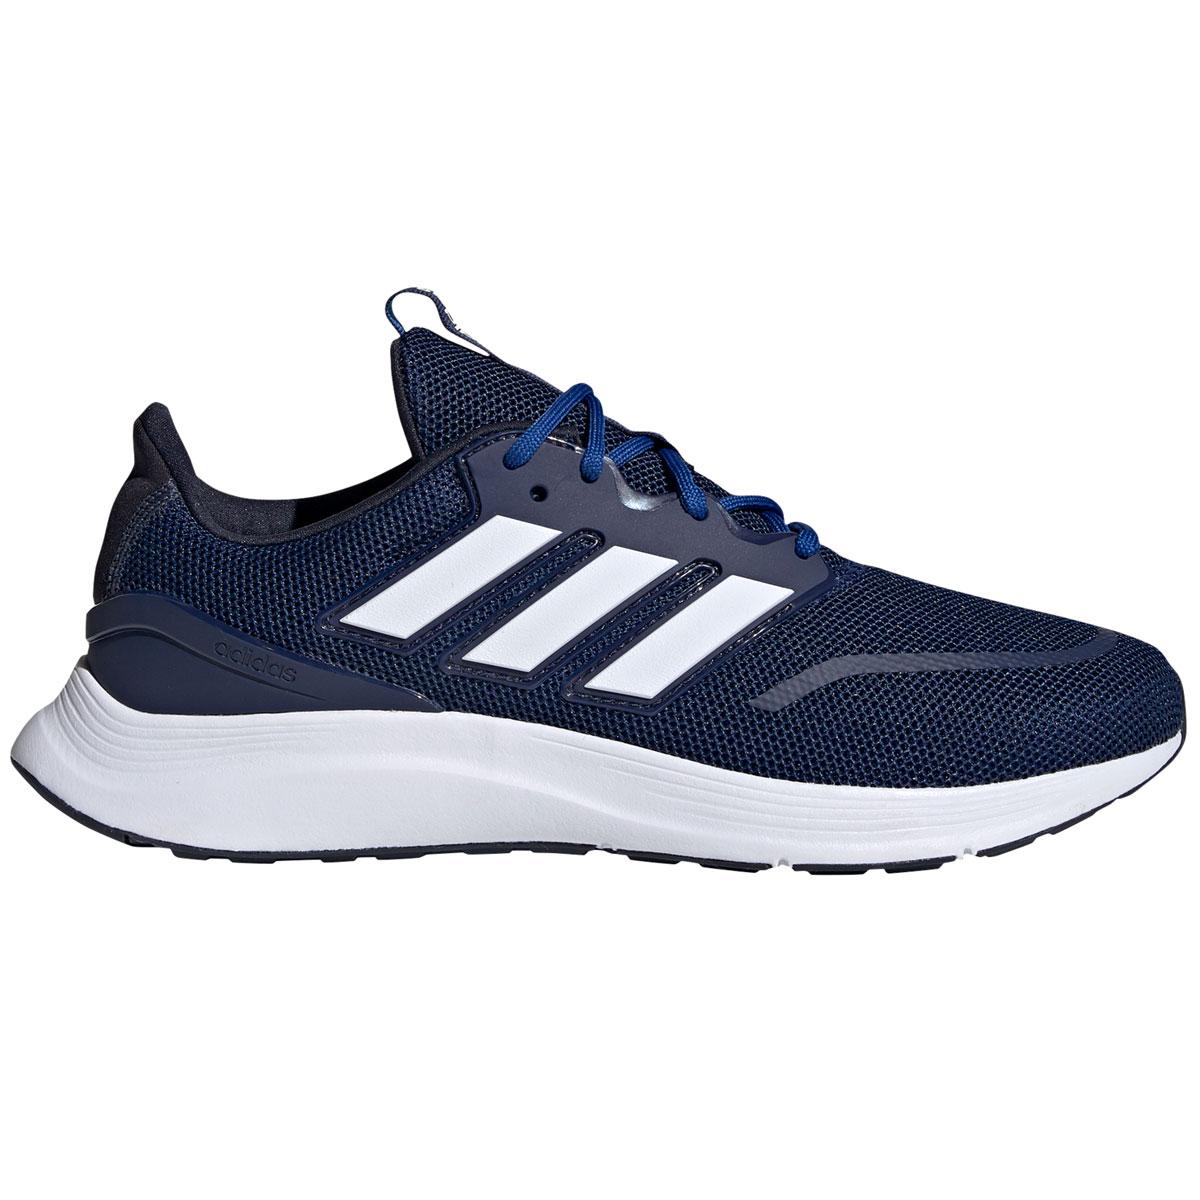 adidas Laufschuh in Übergröße, Energyfalcon, dunkelblau